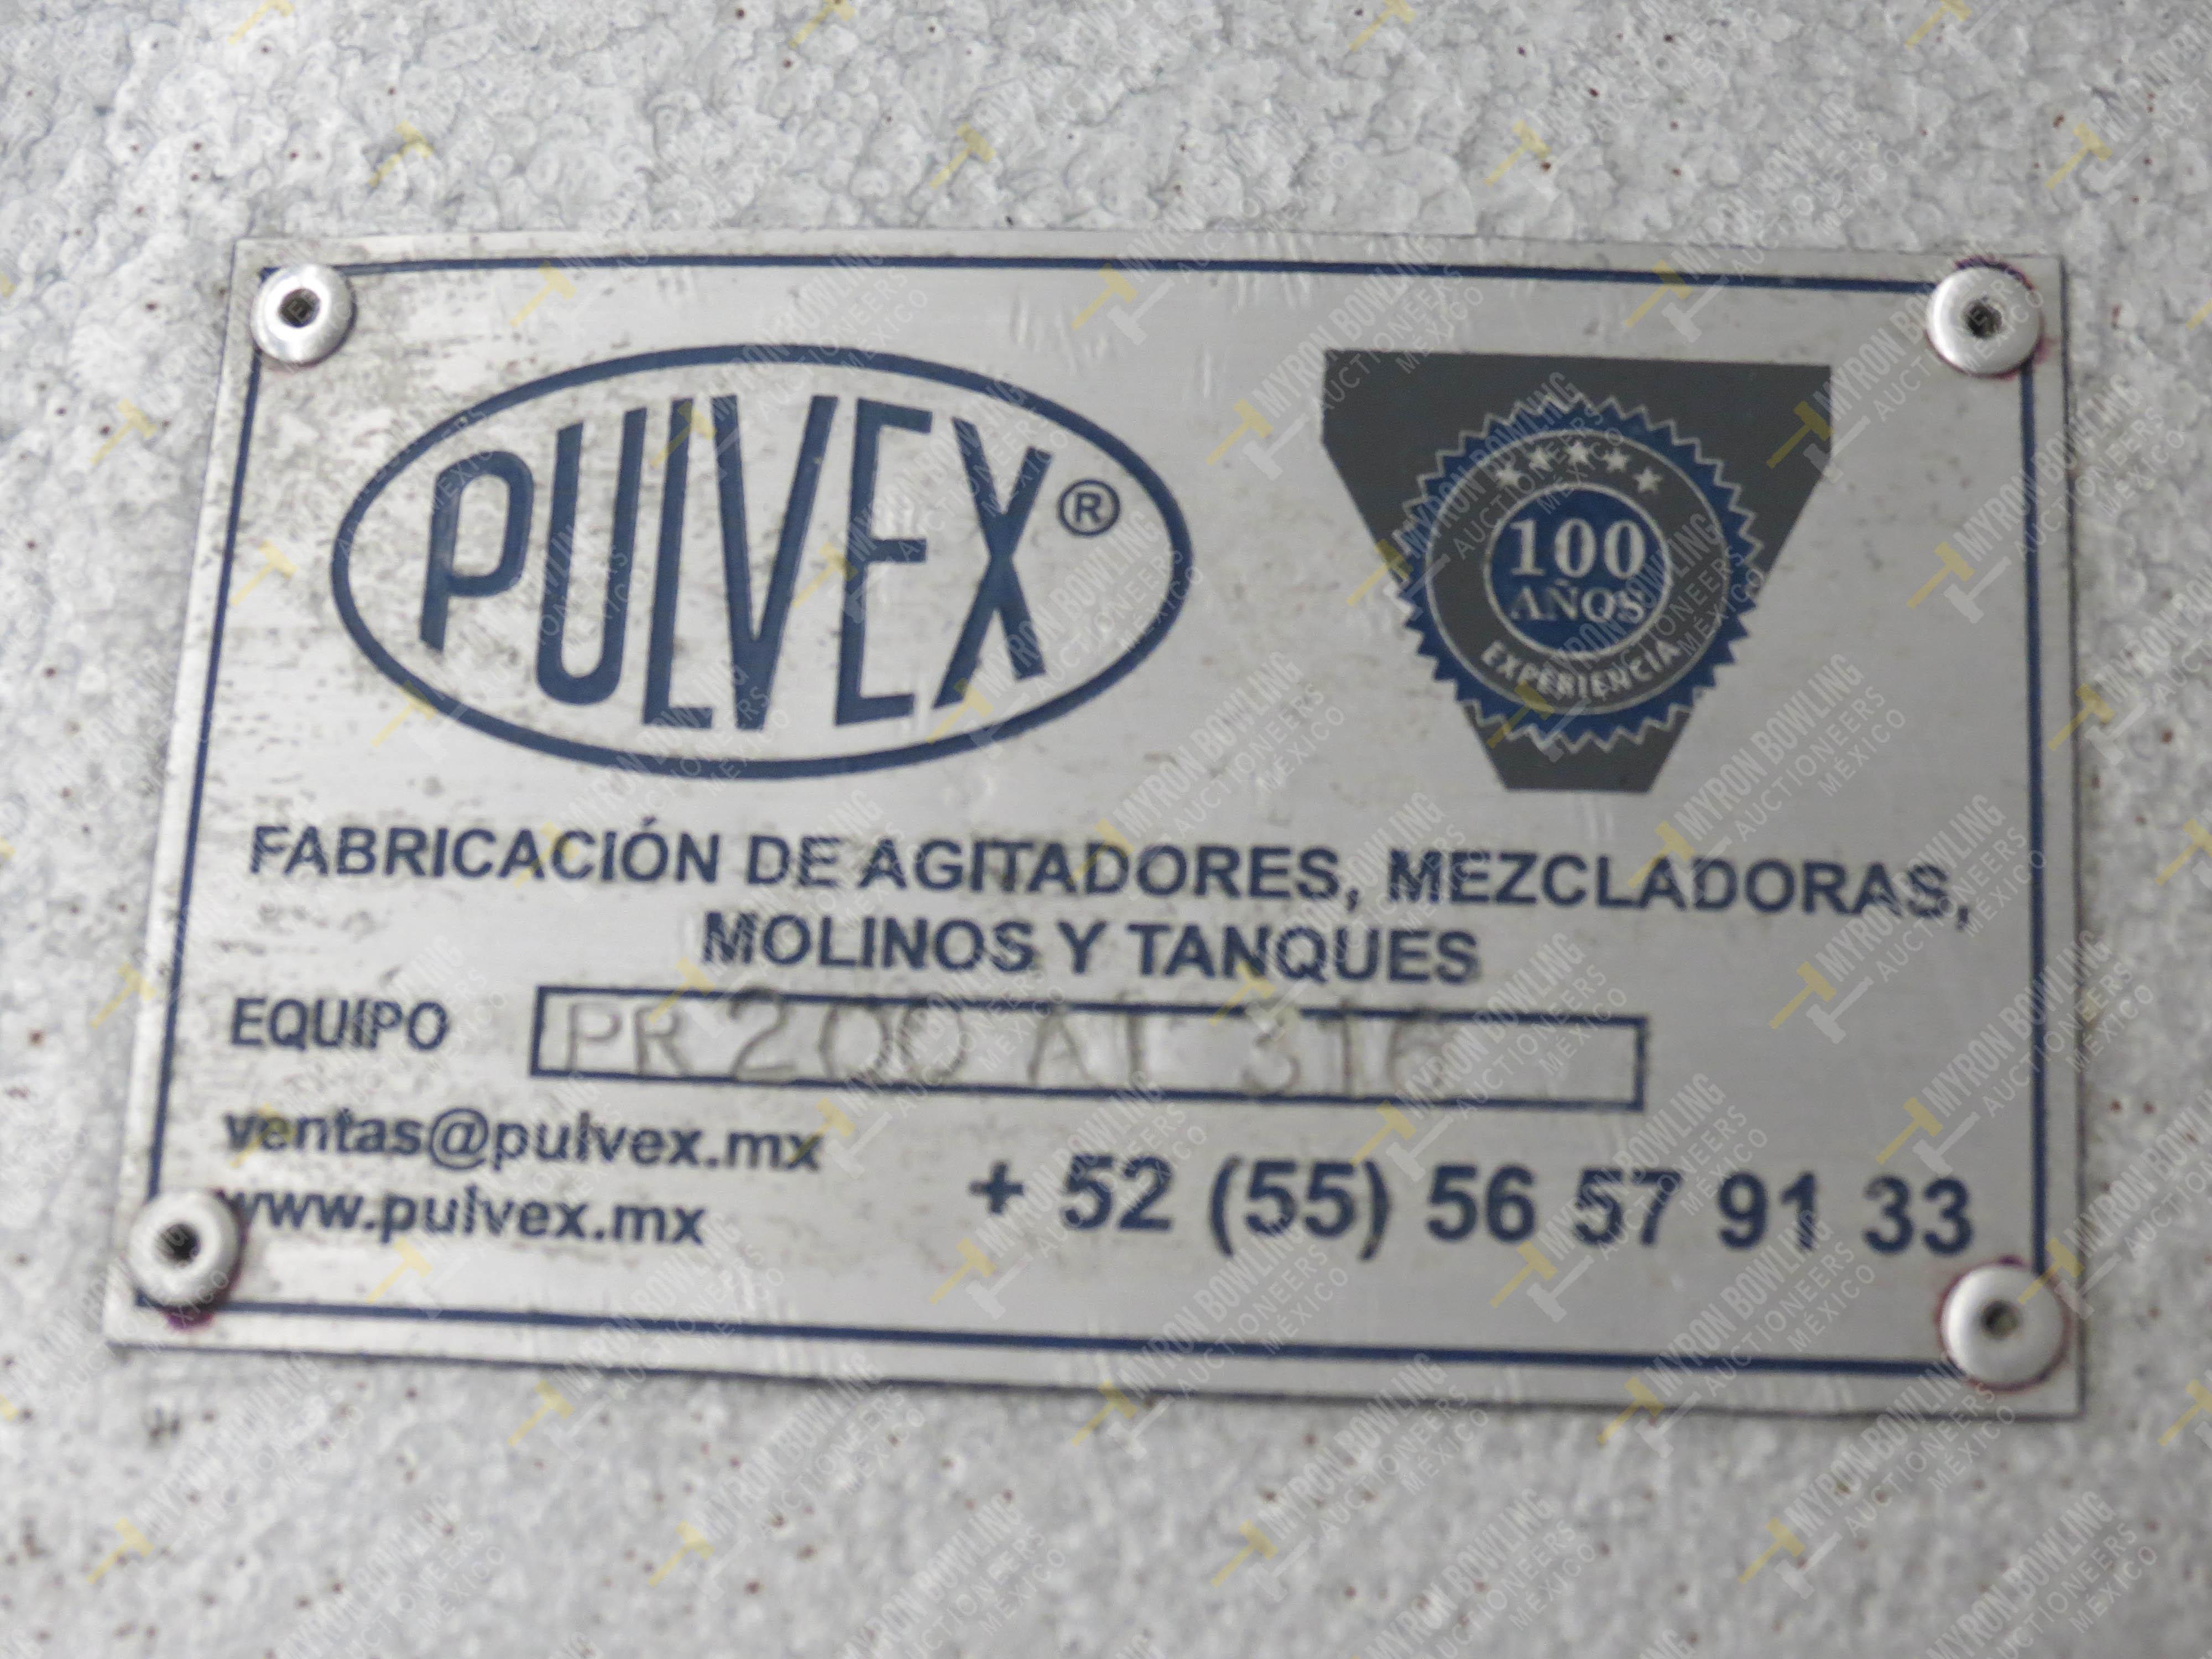 Molino rallador marca Pulvex, Modelo PR200AI316, en acero inoxidable, capacidad de motor 3… - Image 4 of 4